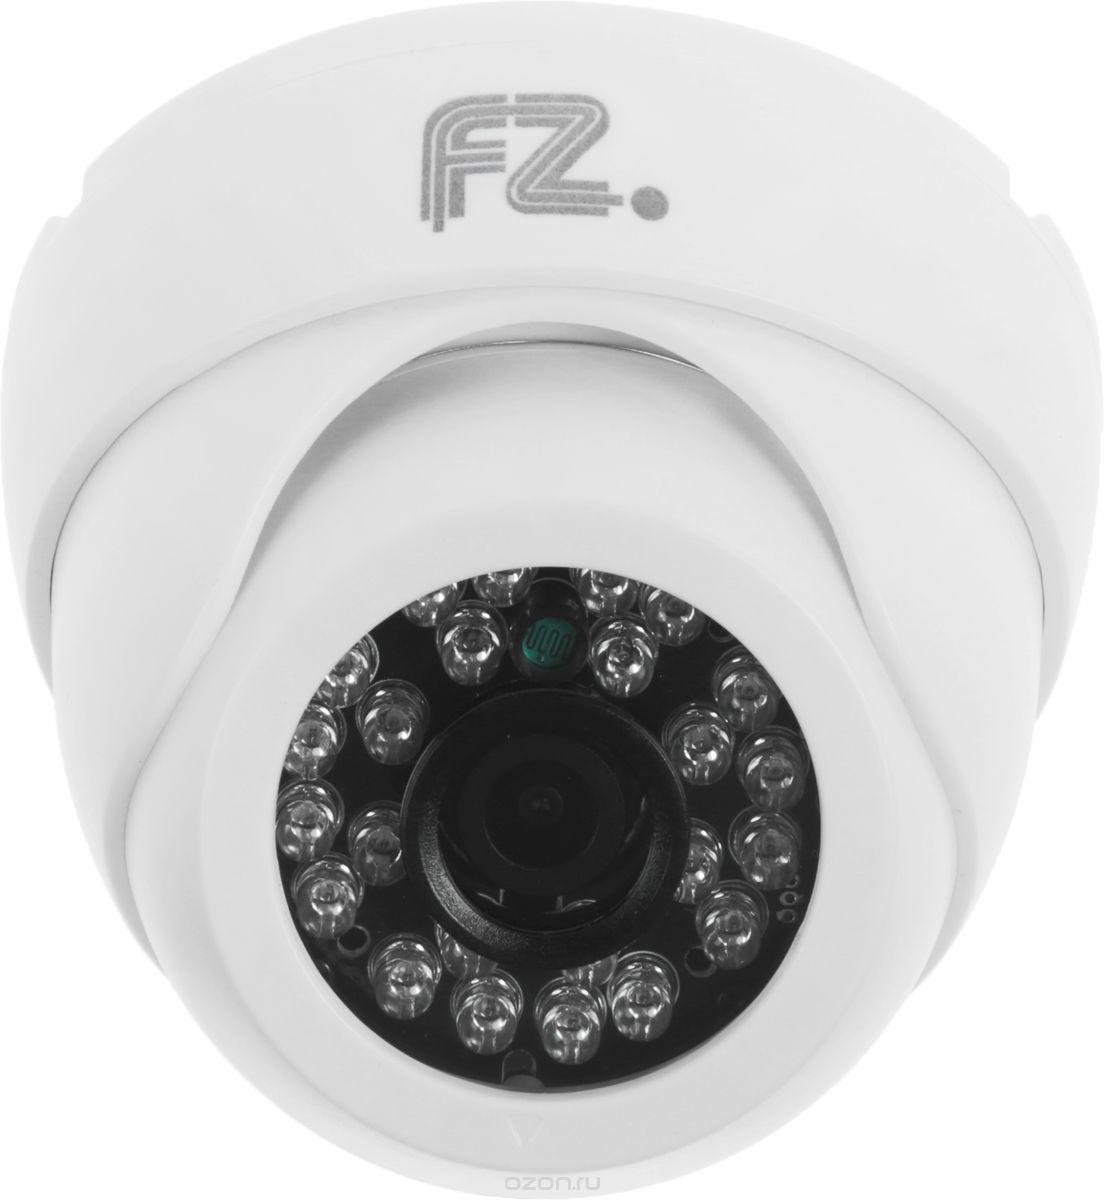 Fazera FZ-DIRP24-1080, White камера видеонаблюдения - Камеры видеонаблюдения